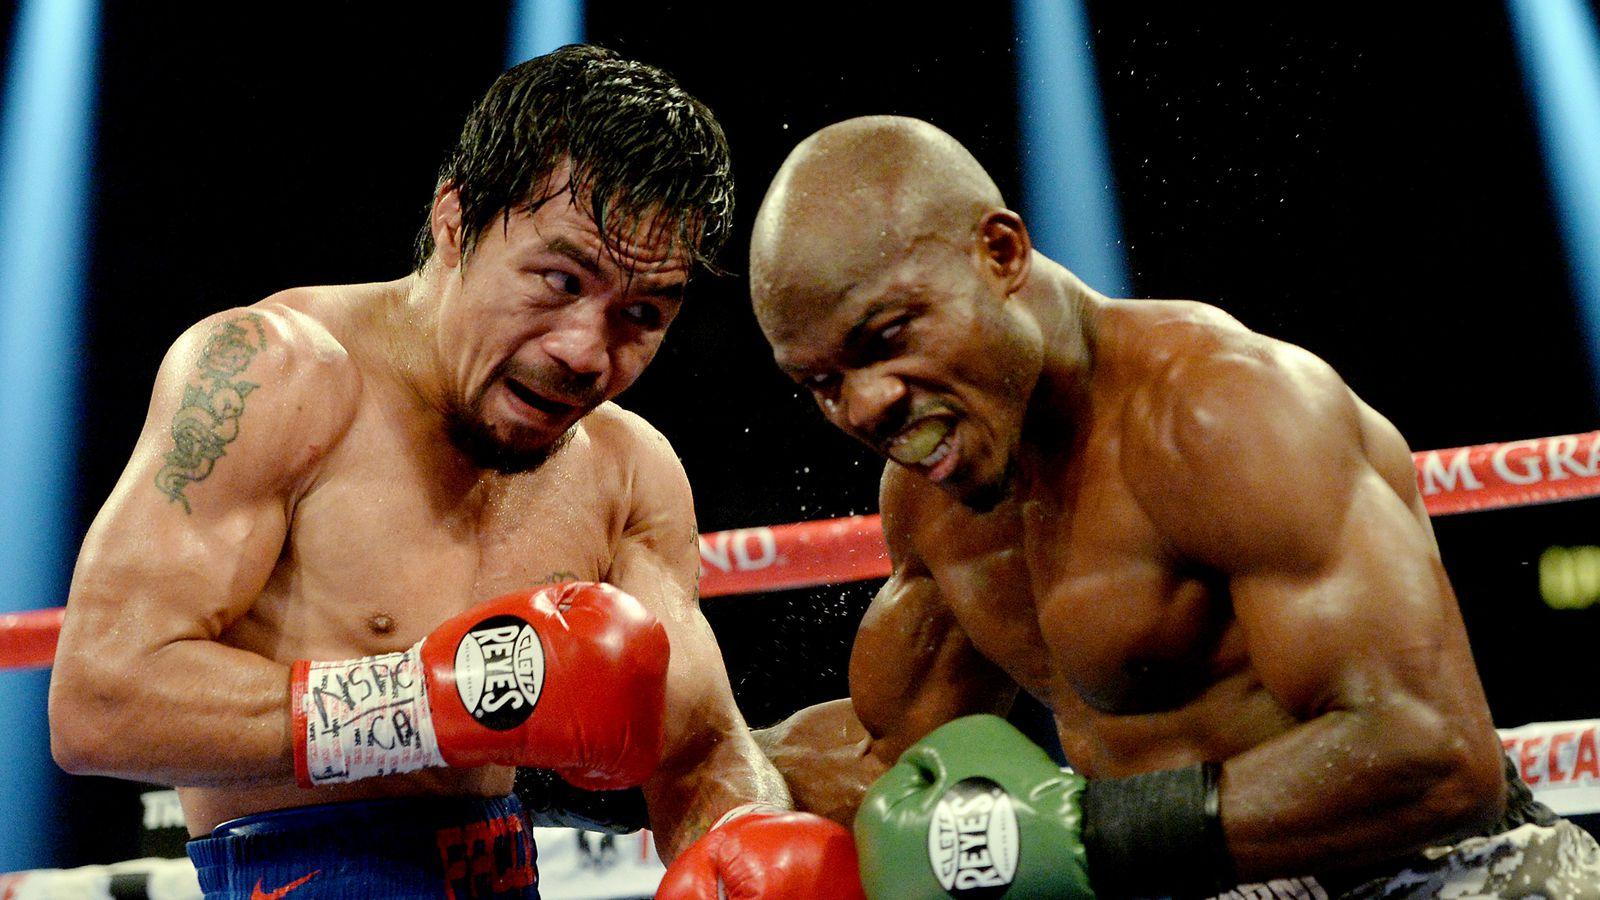 boxing tonight - photo #15